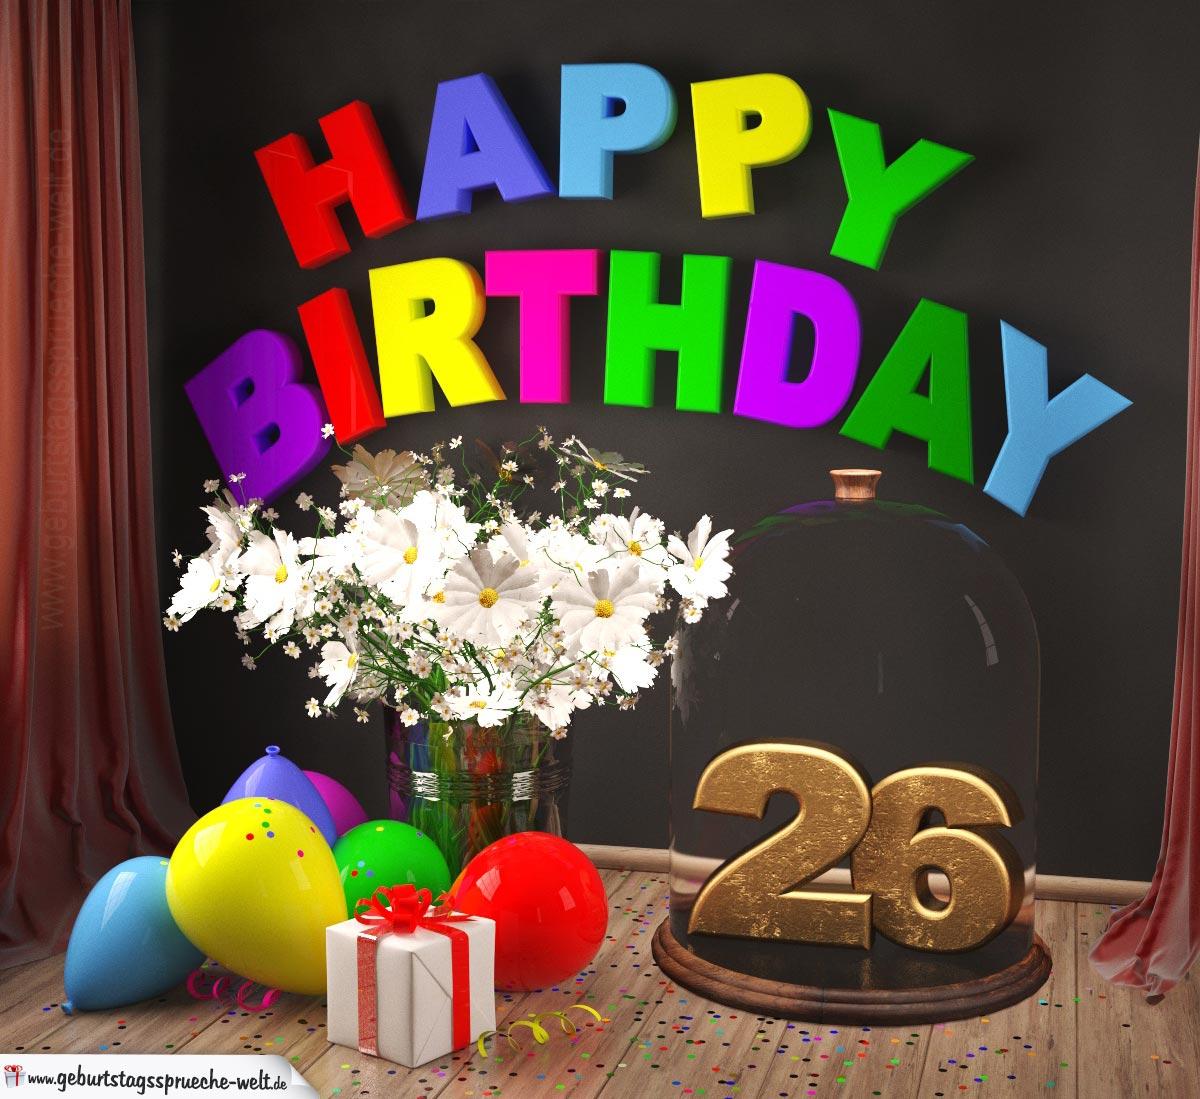 Happy Birthday 26 Jahre Glückwunschkarte mit Margeriten-Blumenstrauß, Luftballons und Geschenk unter Glasglocke